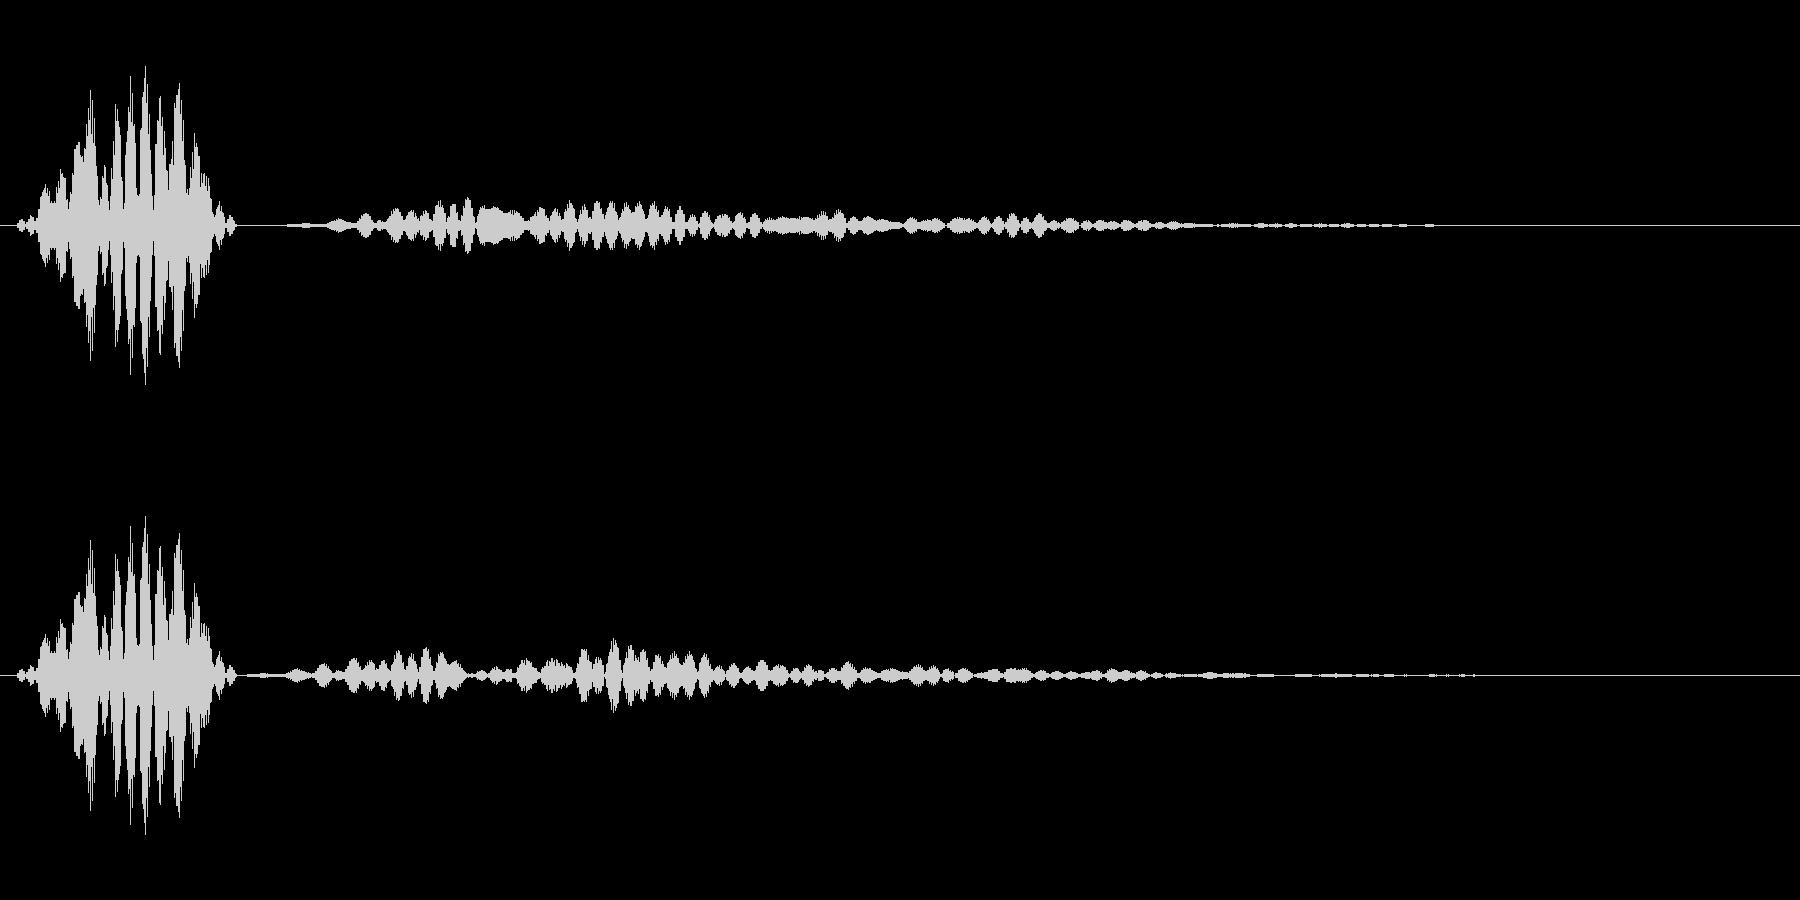 シンプルなキャンセル音1の未再生の波形